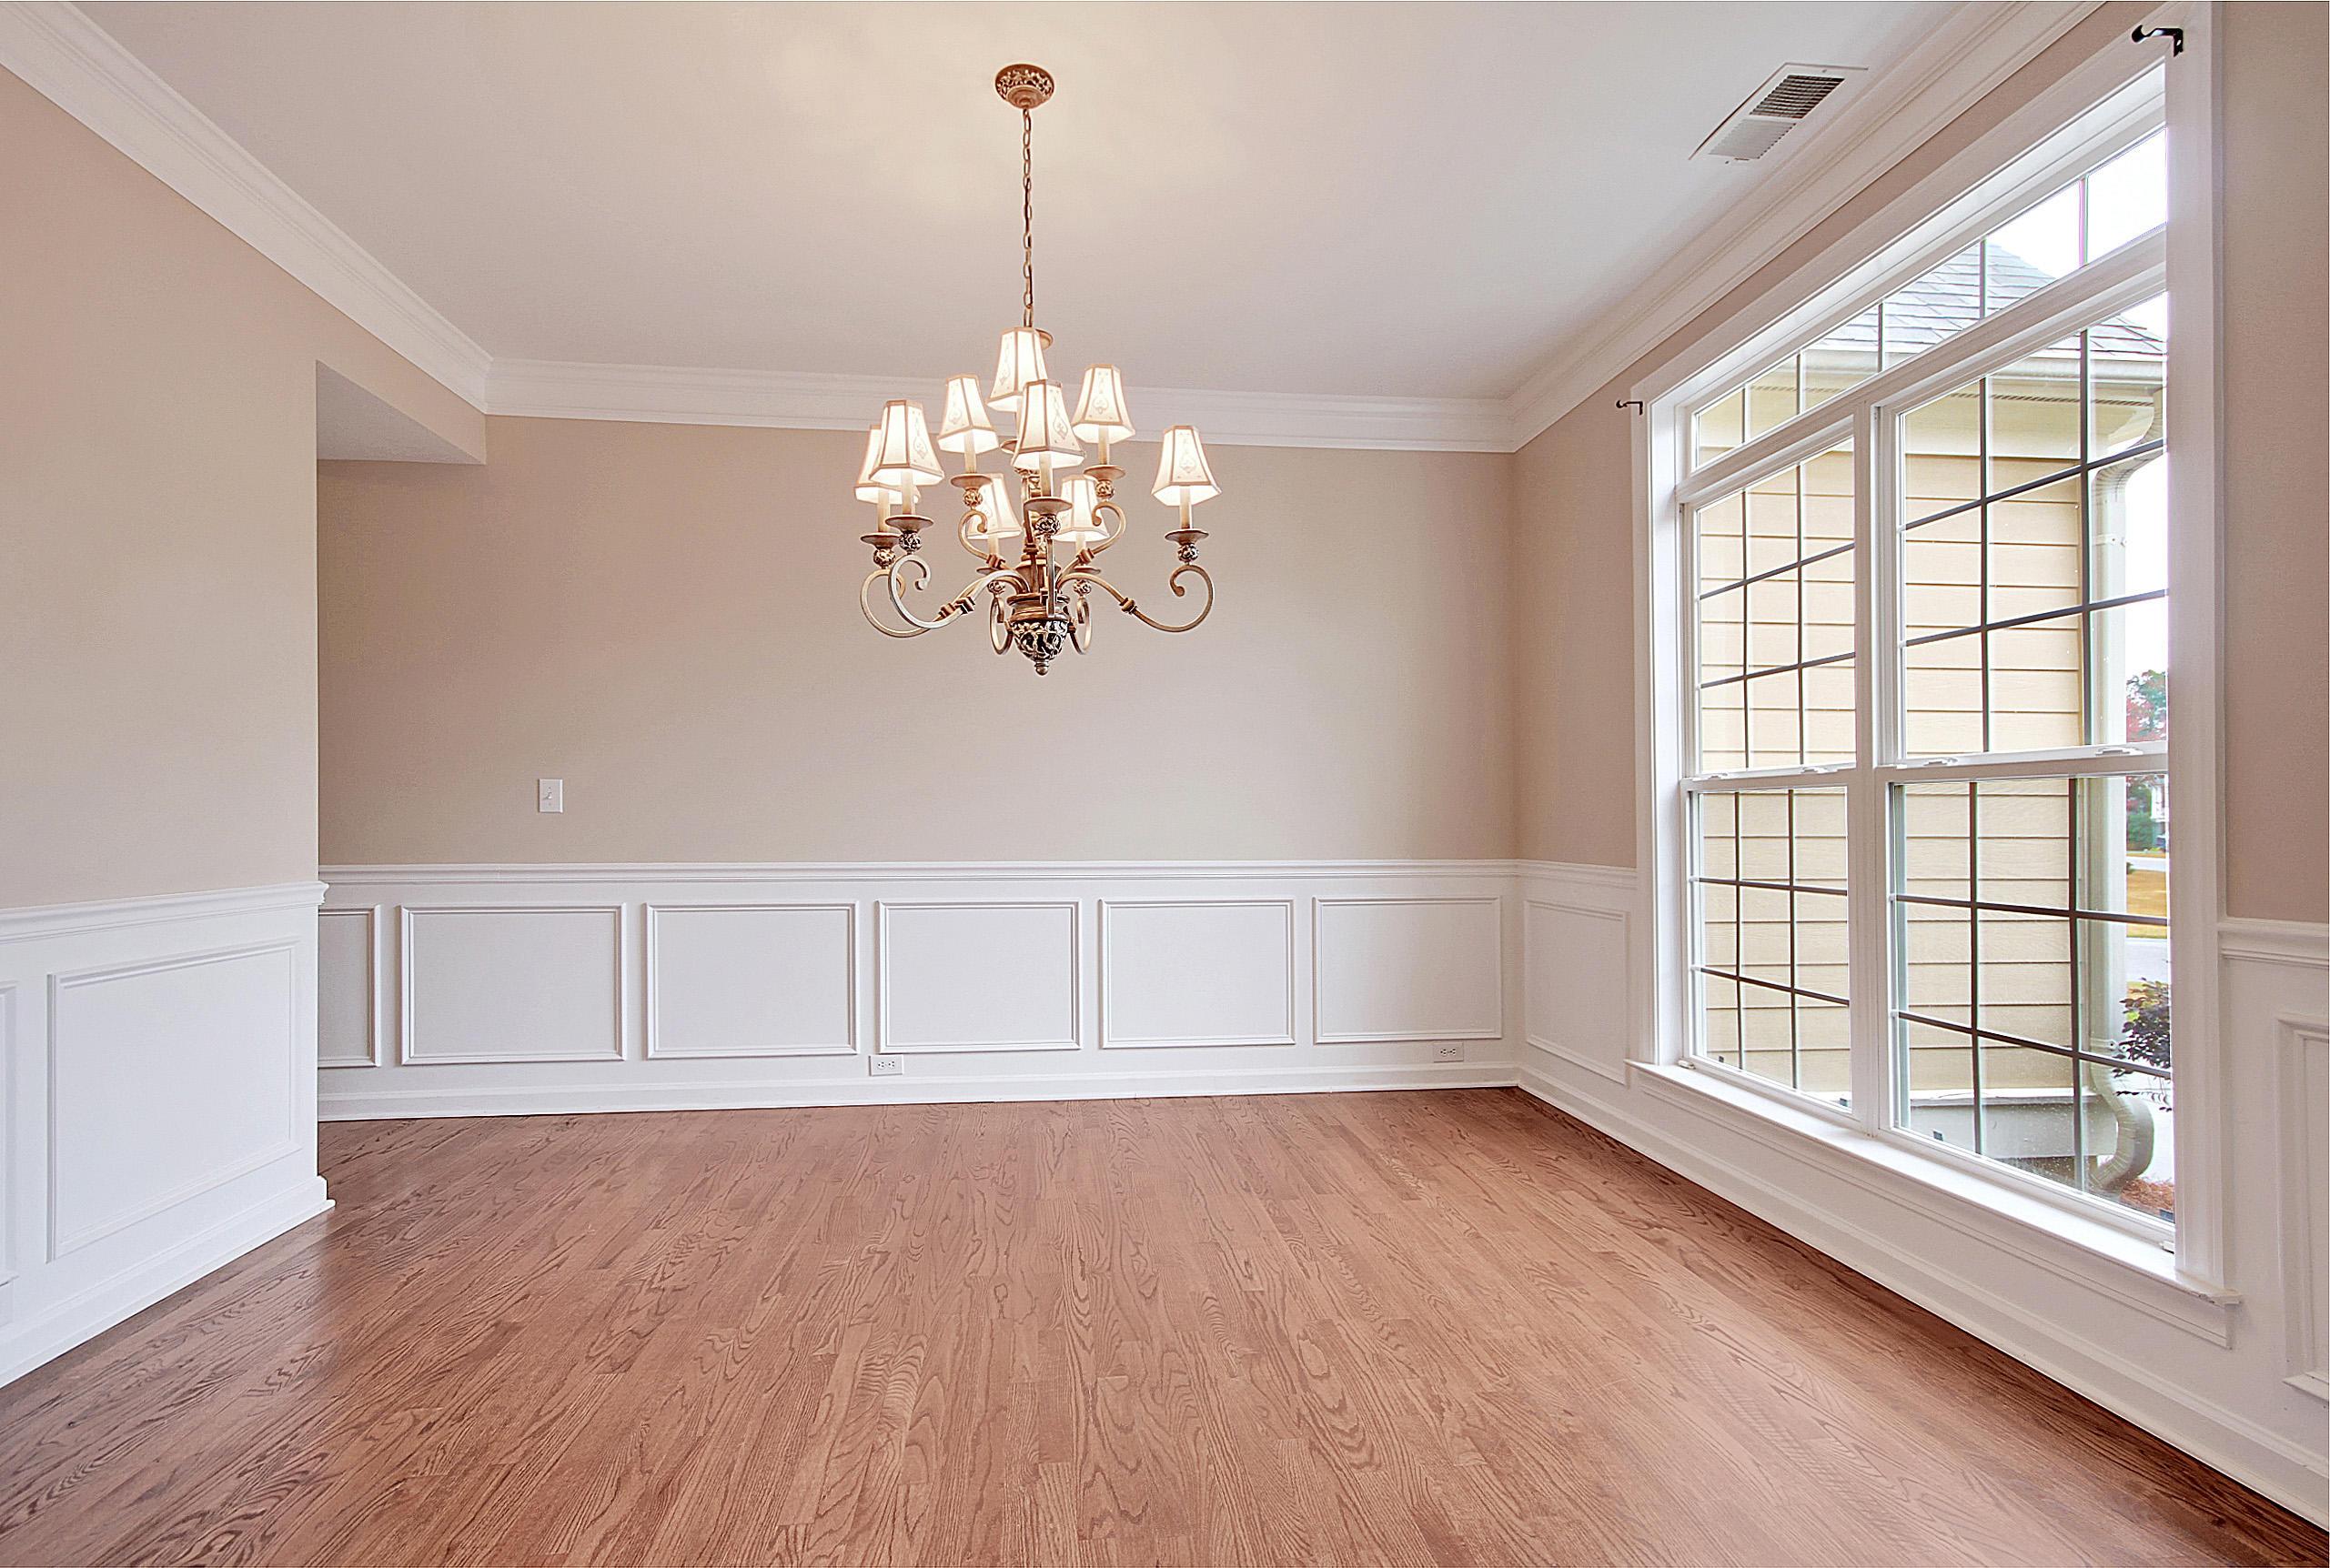 Dunes West Homes For Sale - 1501 Jacaranda, Mount Pleasant, SC - 22